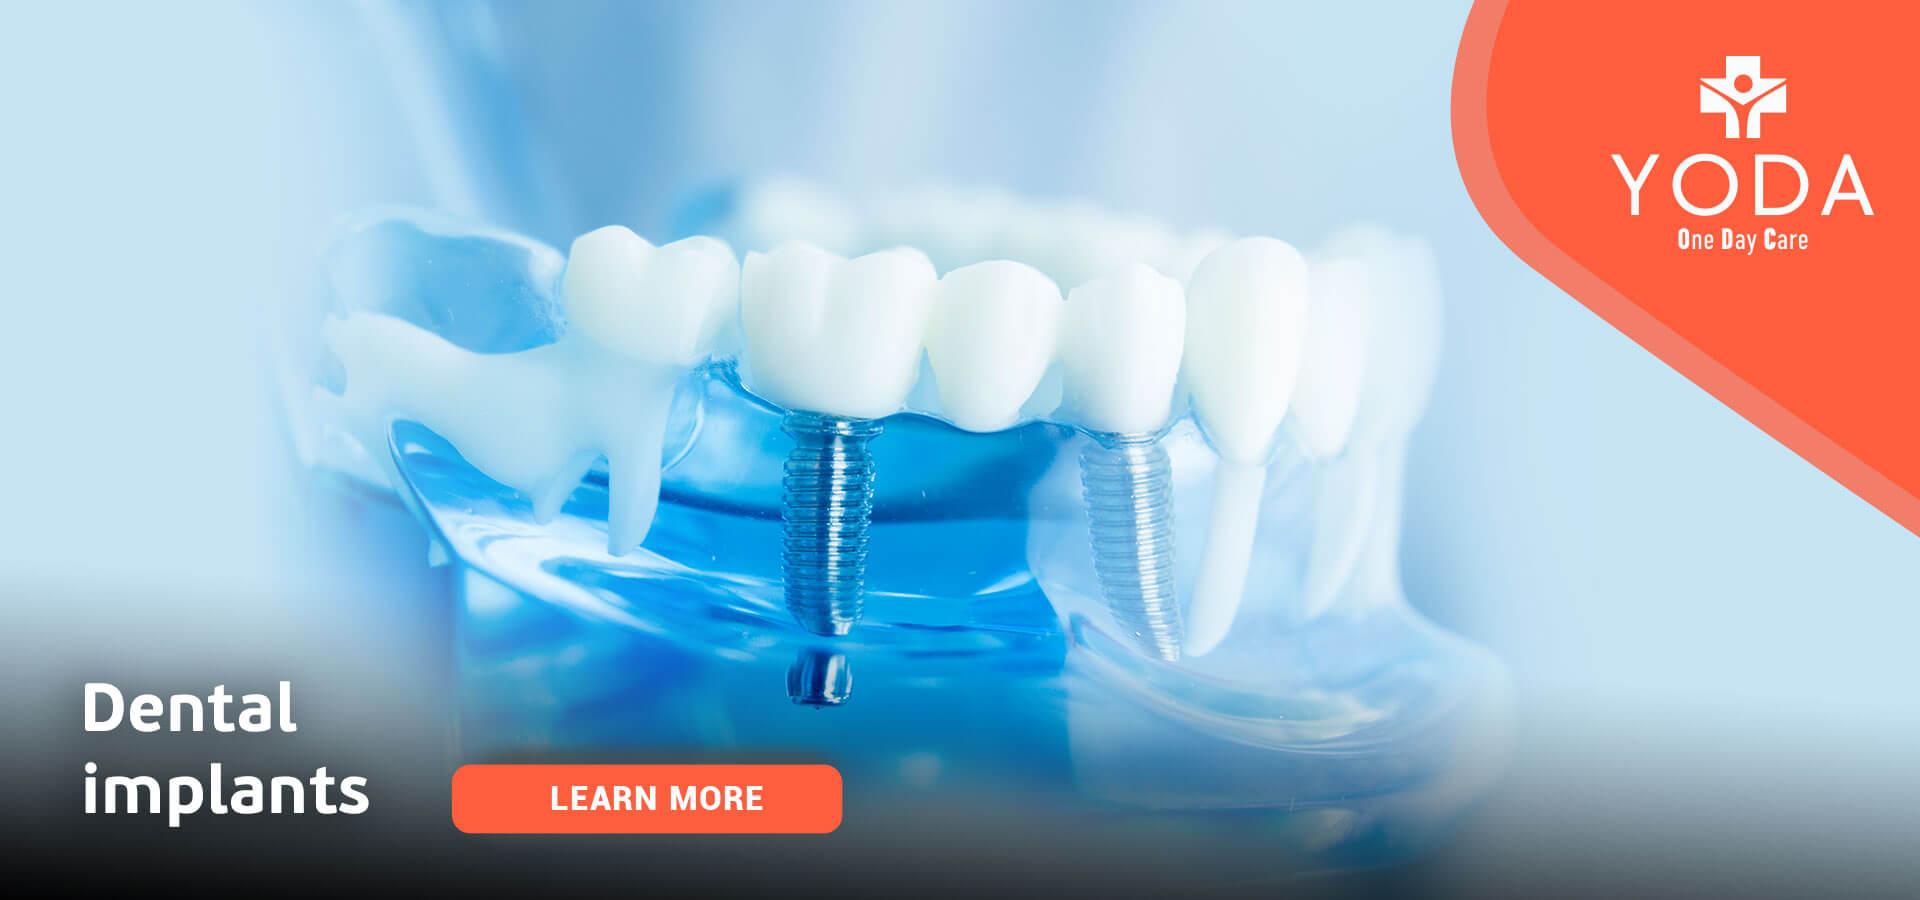 εξέταση γιατρός Πειραιάς YODA νοσηλία χειρουργείο οδοντίατρος δόντια πόνος ούλα